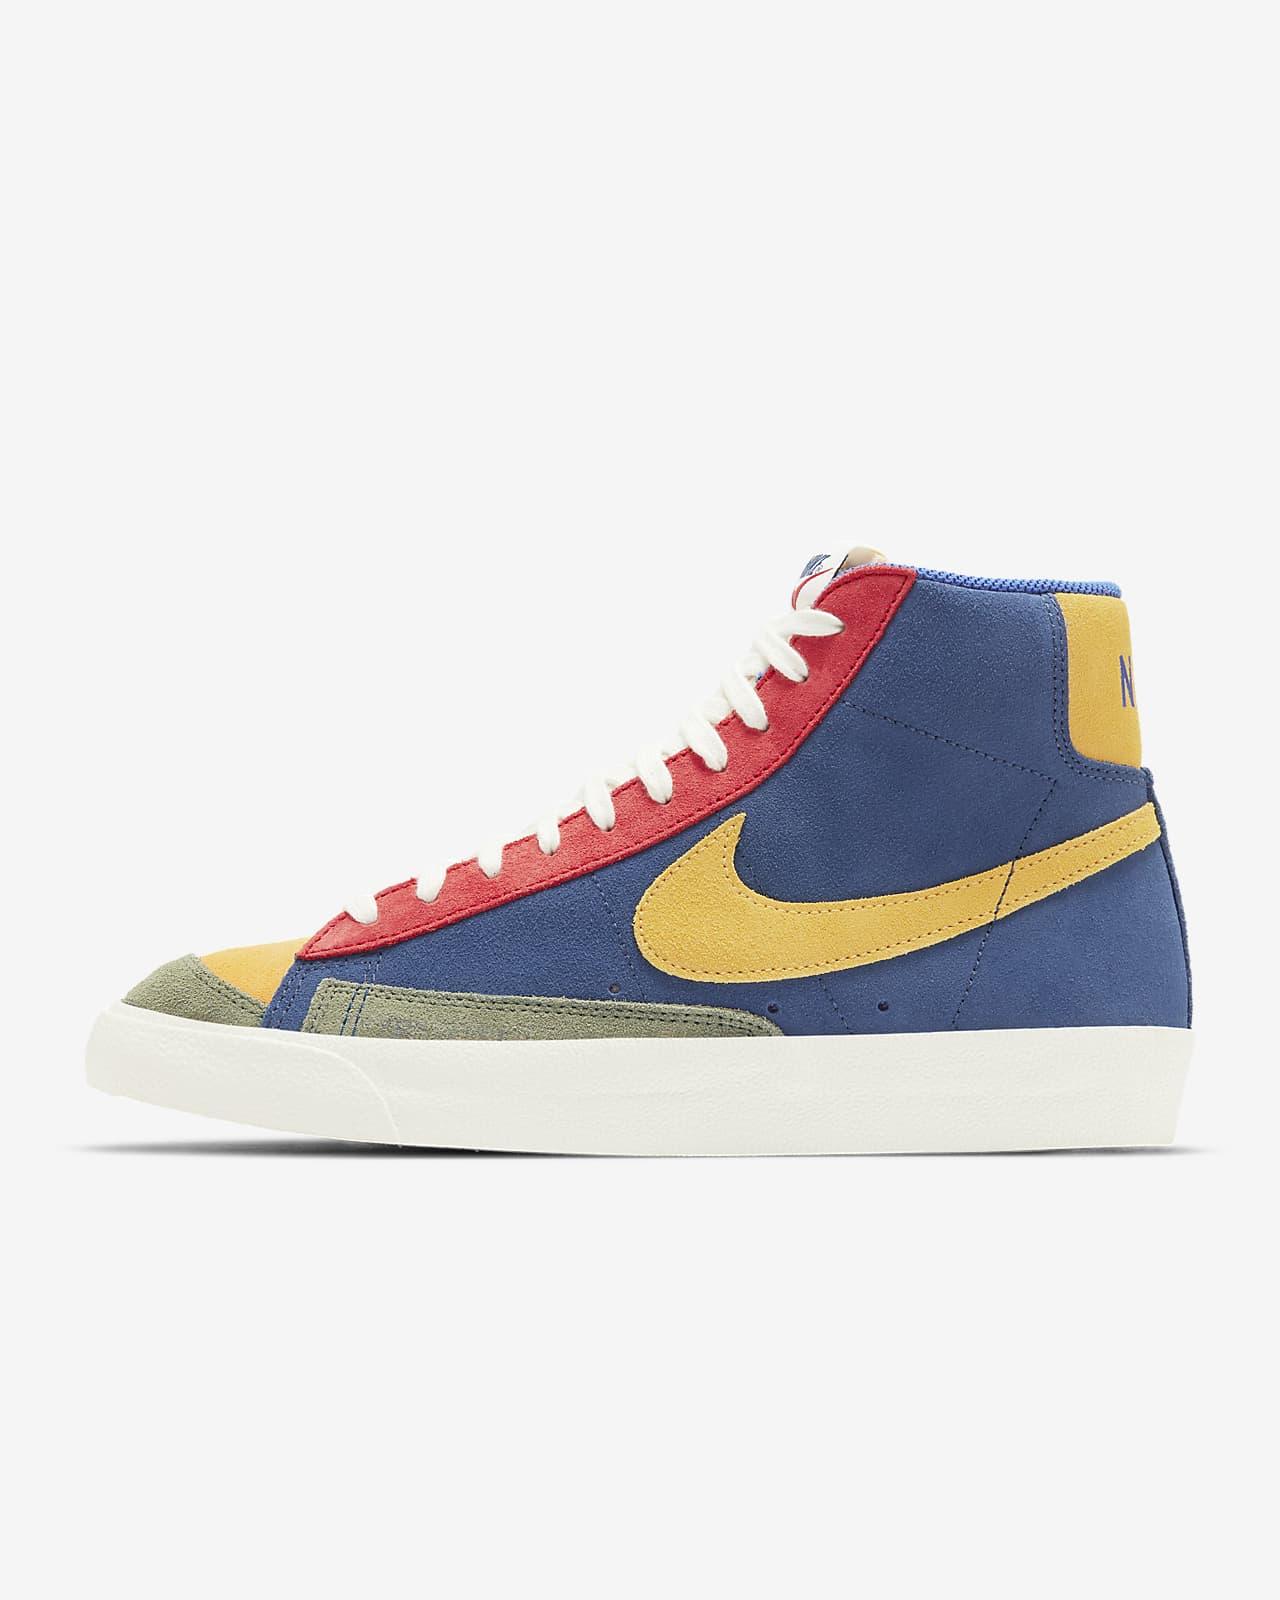 Nike Blazer Mid '77 VNTG WE Suede 男子运动鞋